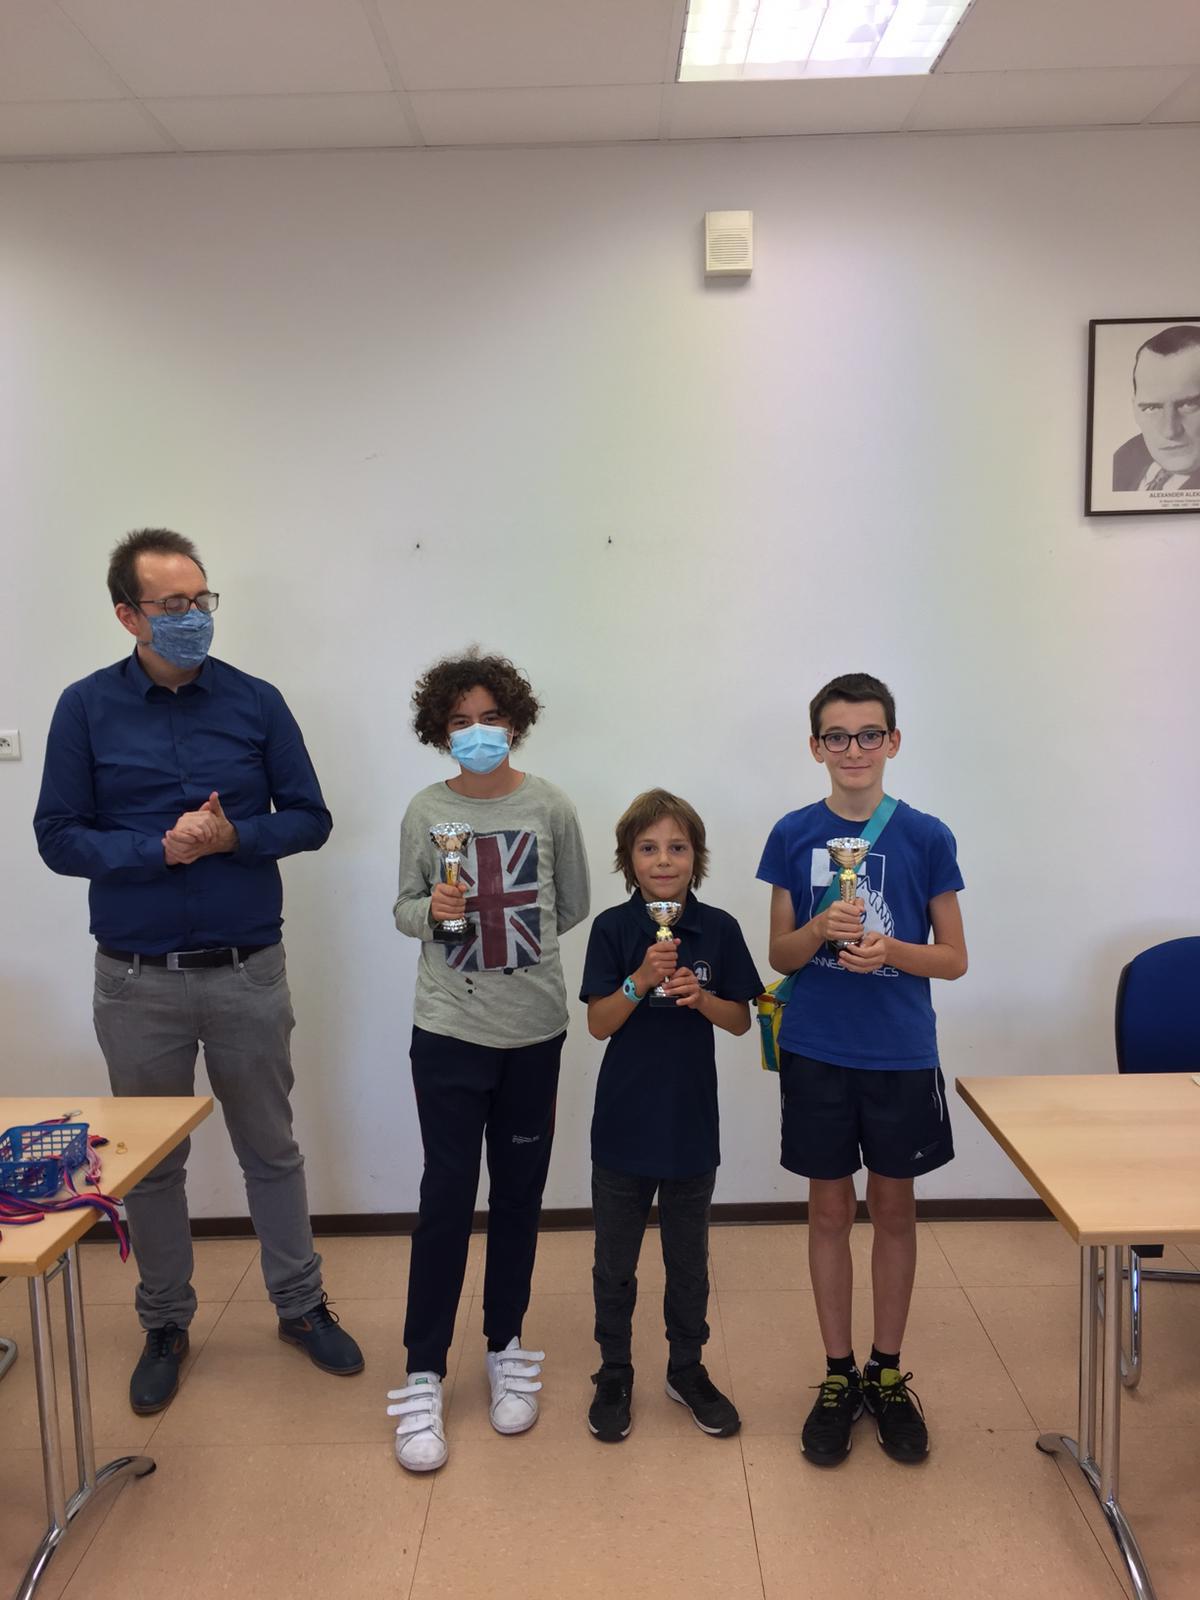 Pico d'octobre: Joy, Billy et Nils vainqueurs!